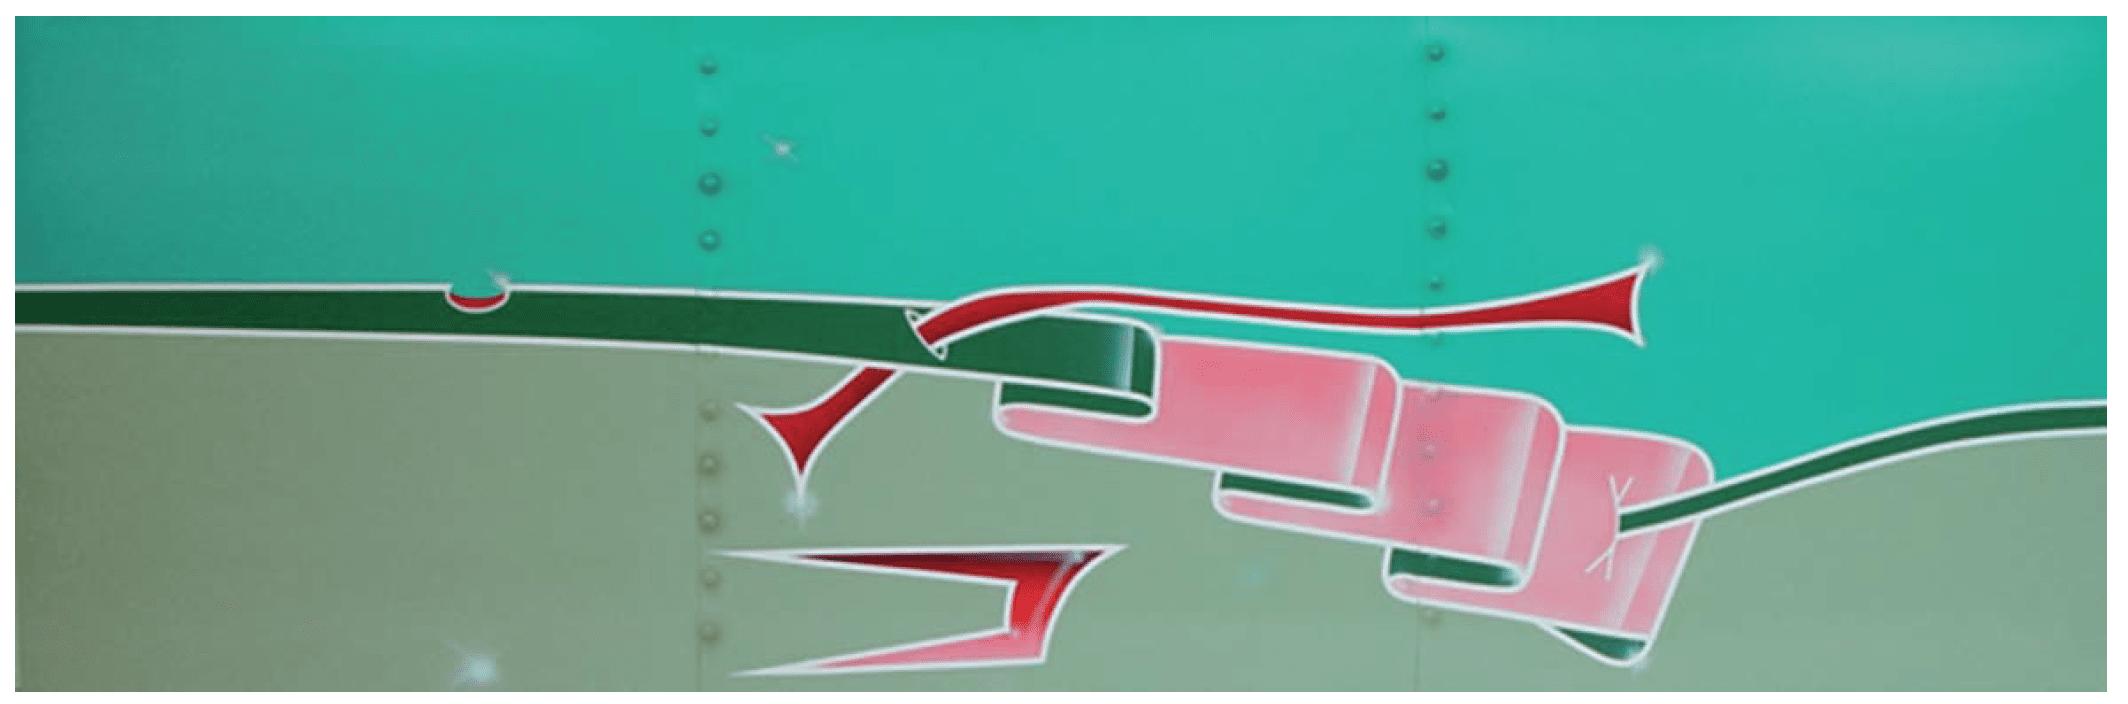 2004_Cara de Buseta_pintura_03